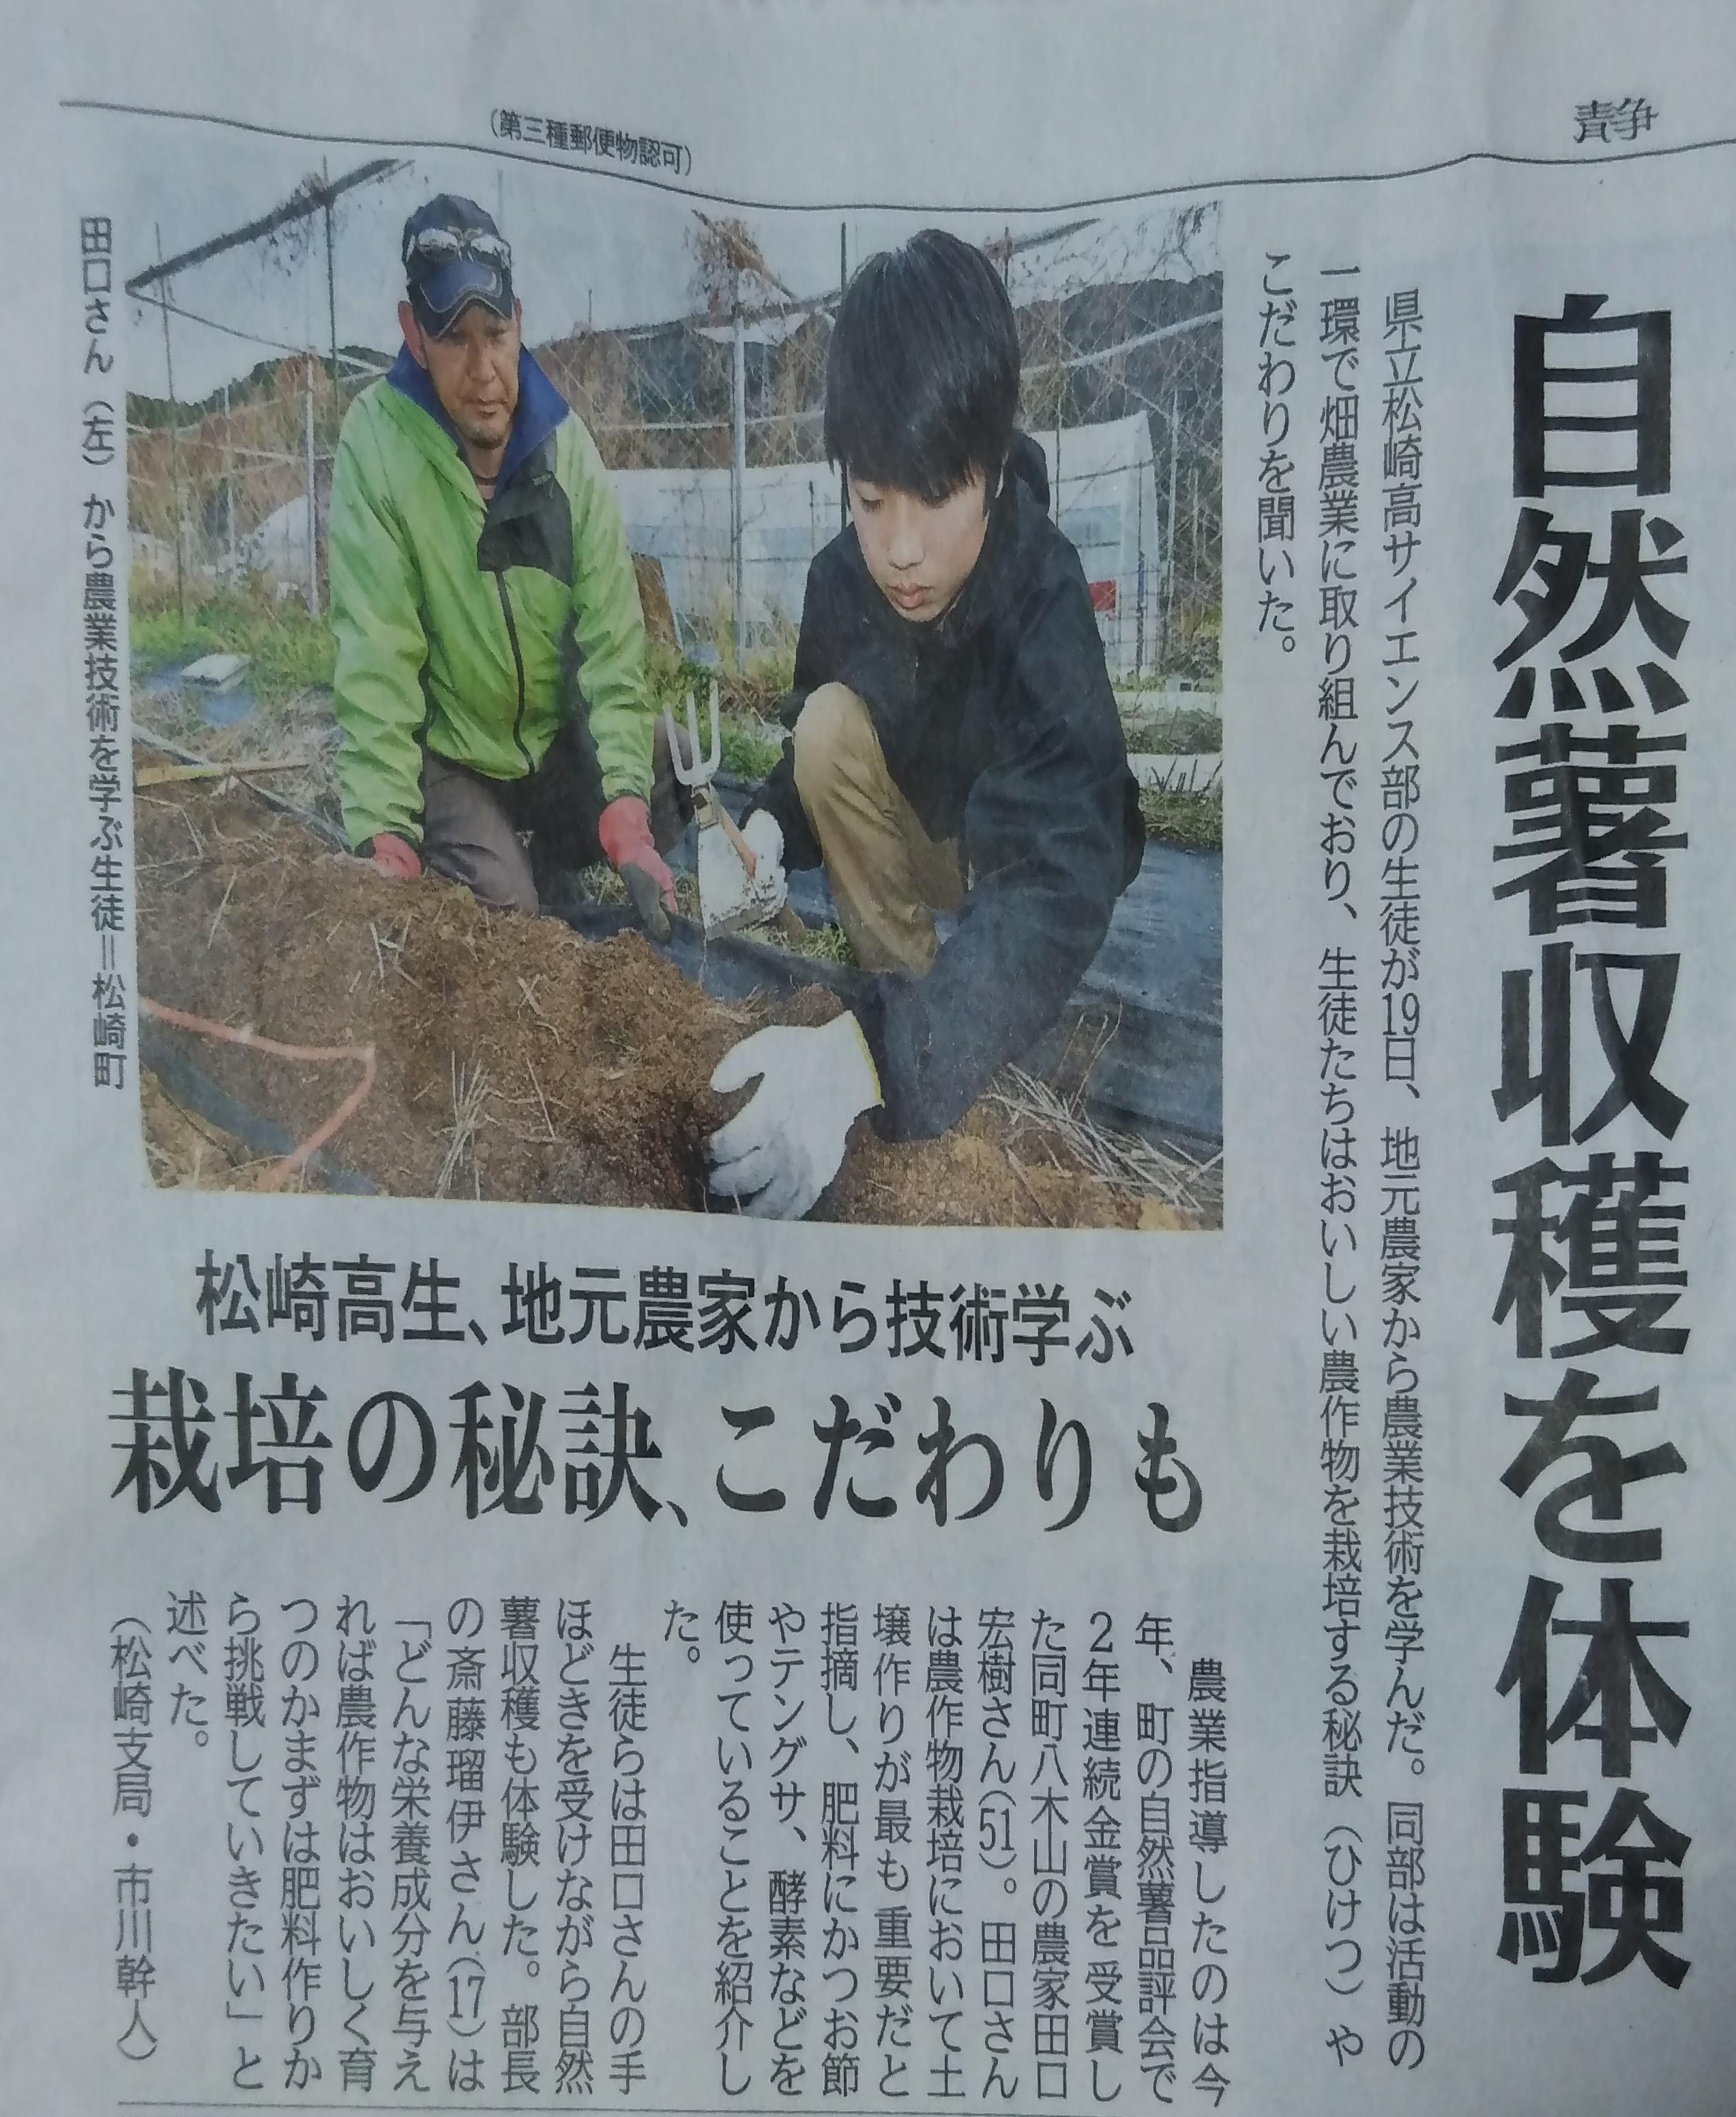 松崎高校サイエンス部「自然薯収穫体験」